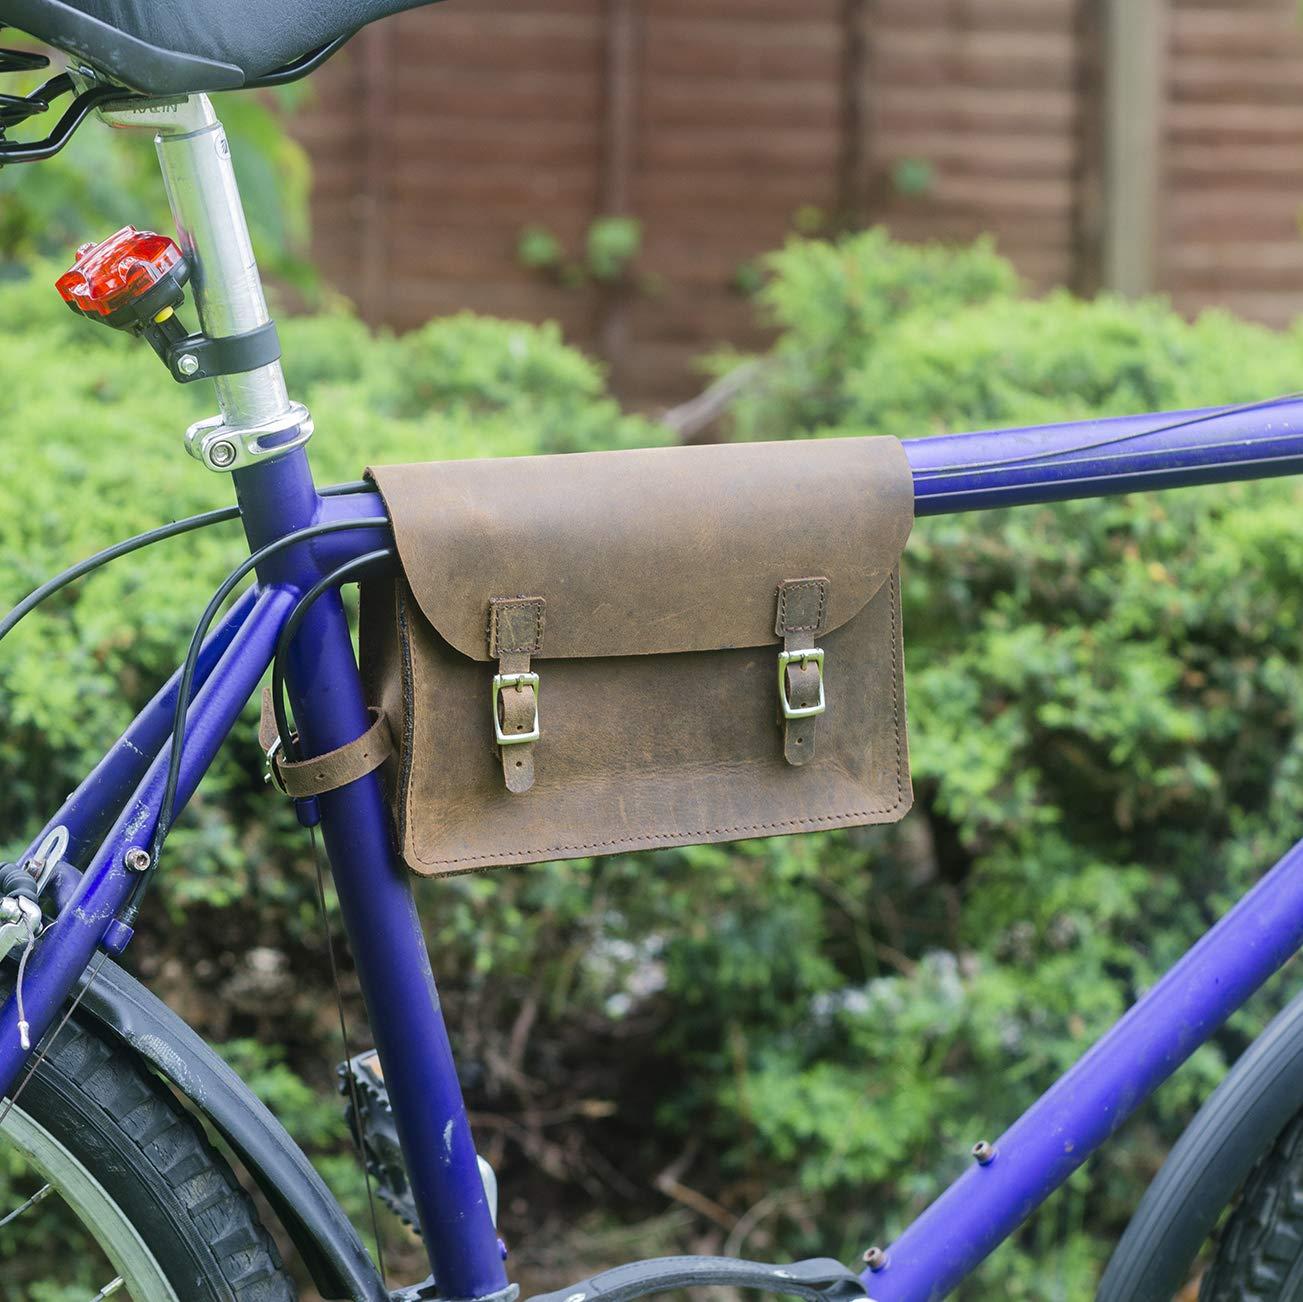 LondonCraftwork 自転車用フレームバッグ 本革 ビンテージ ブラウン S-FRA-RAW   B07MKHK4PX